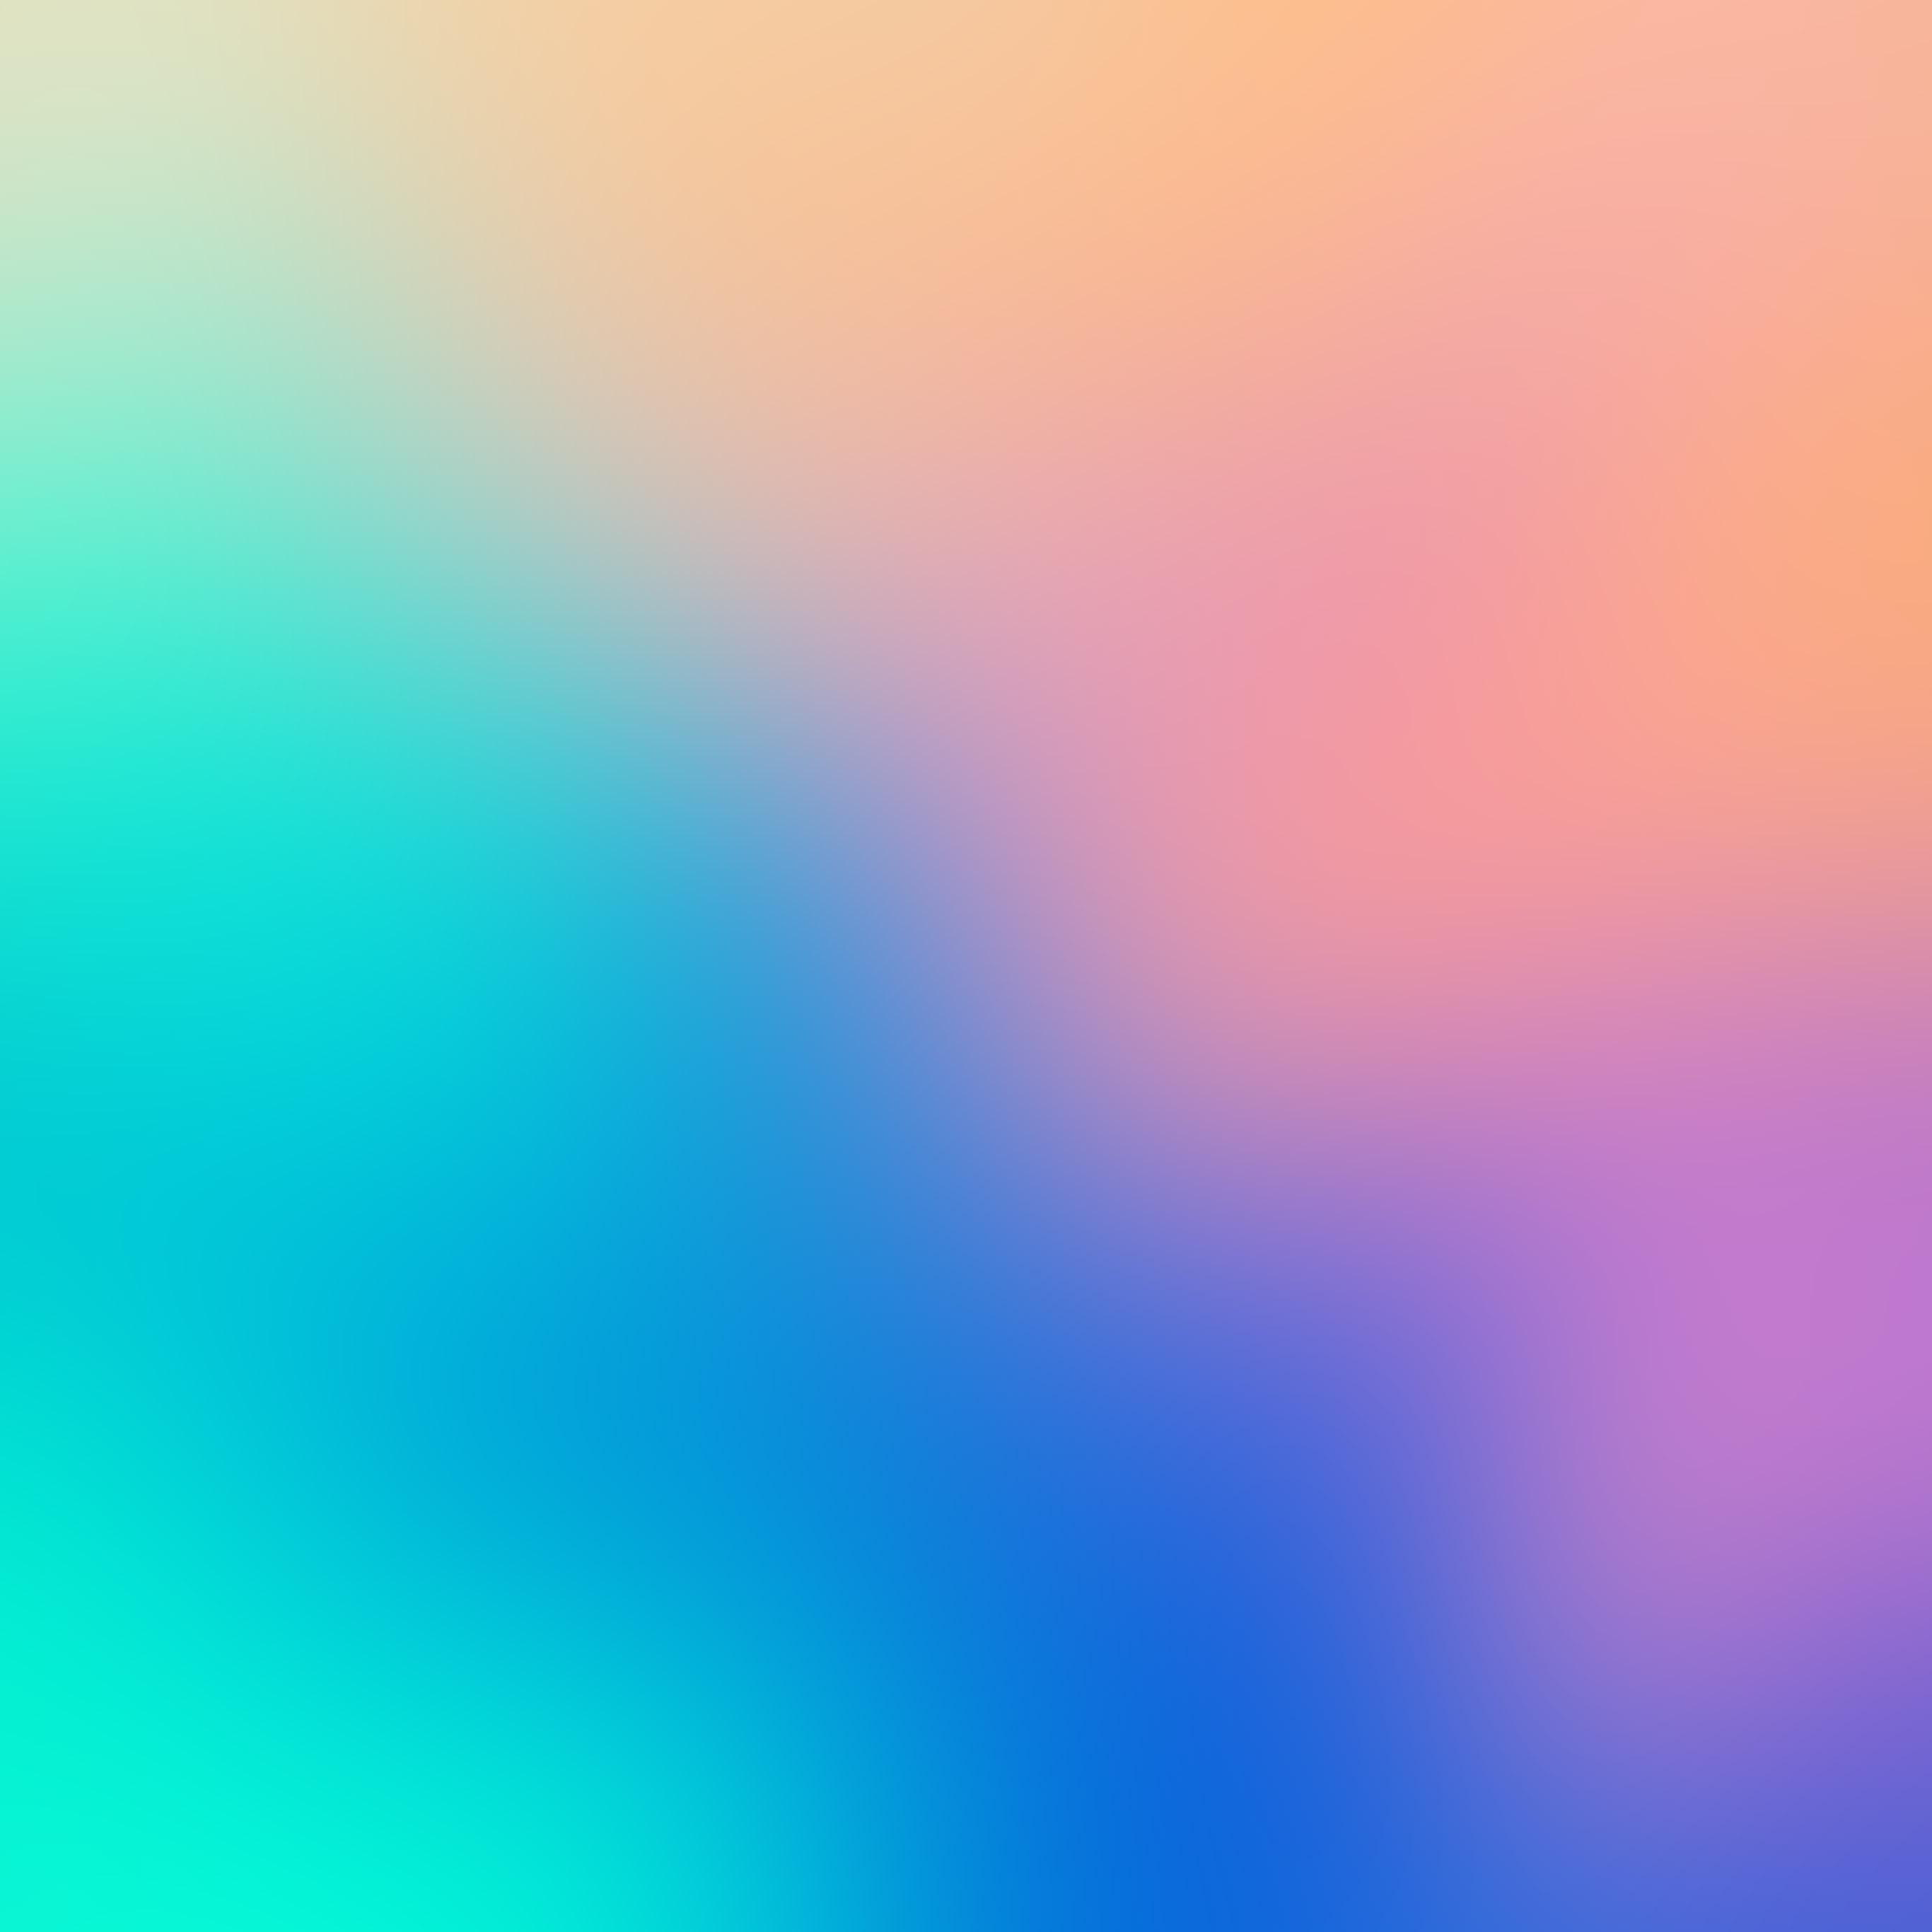 Best Hd Dark Wallpapers Sh72 Pastel Icecream Gradation Blur